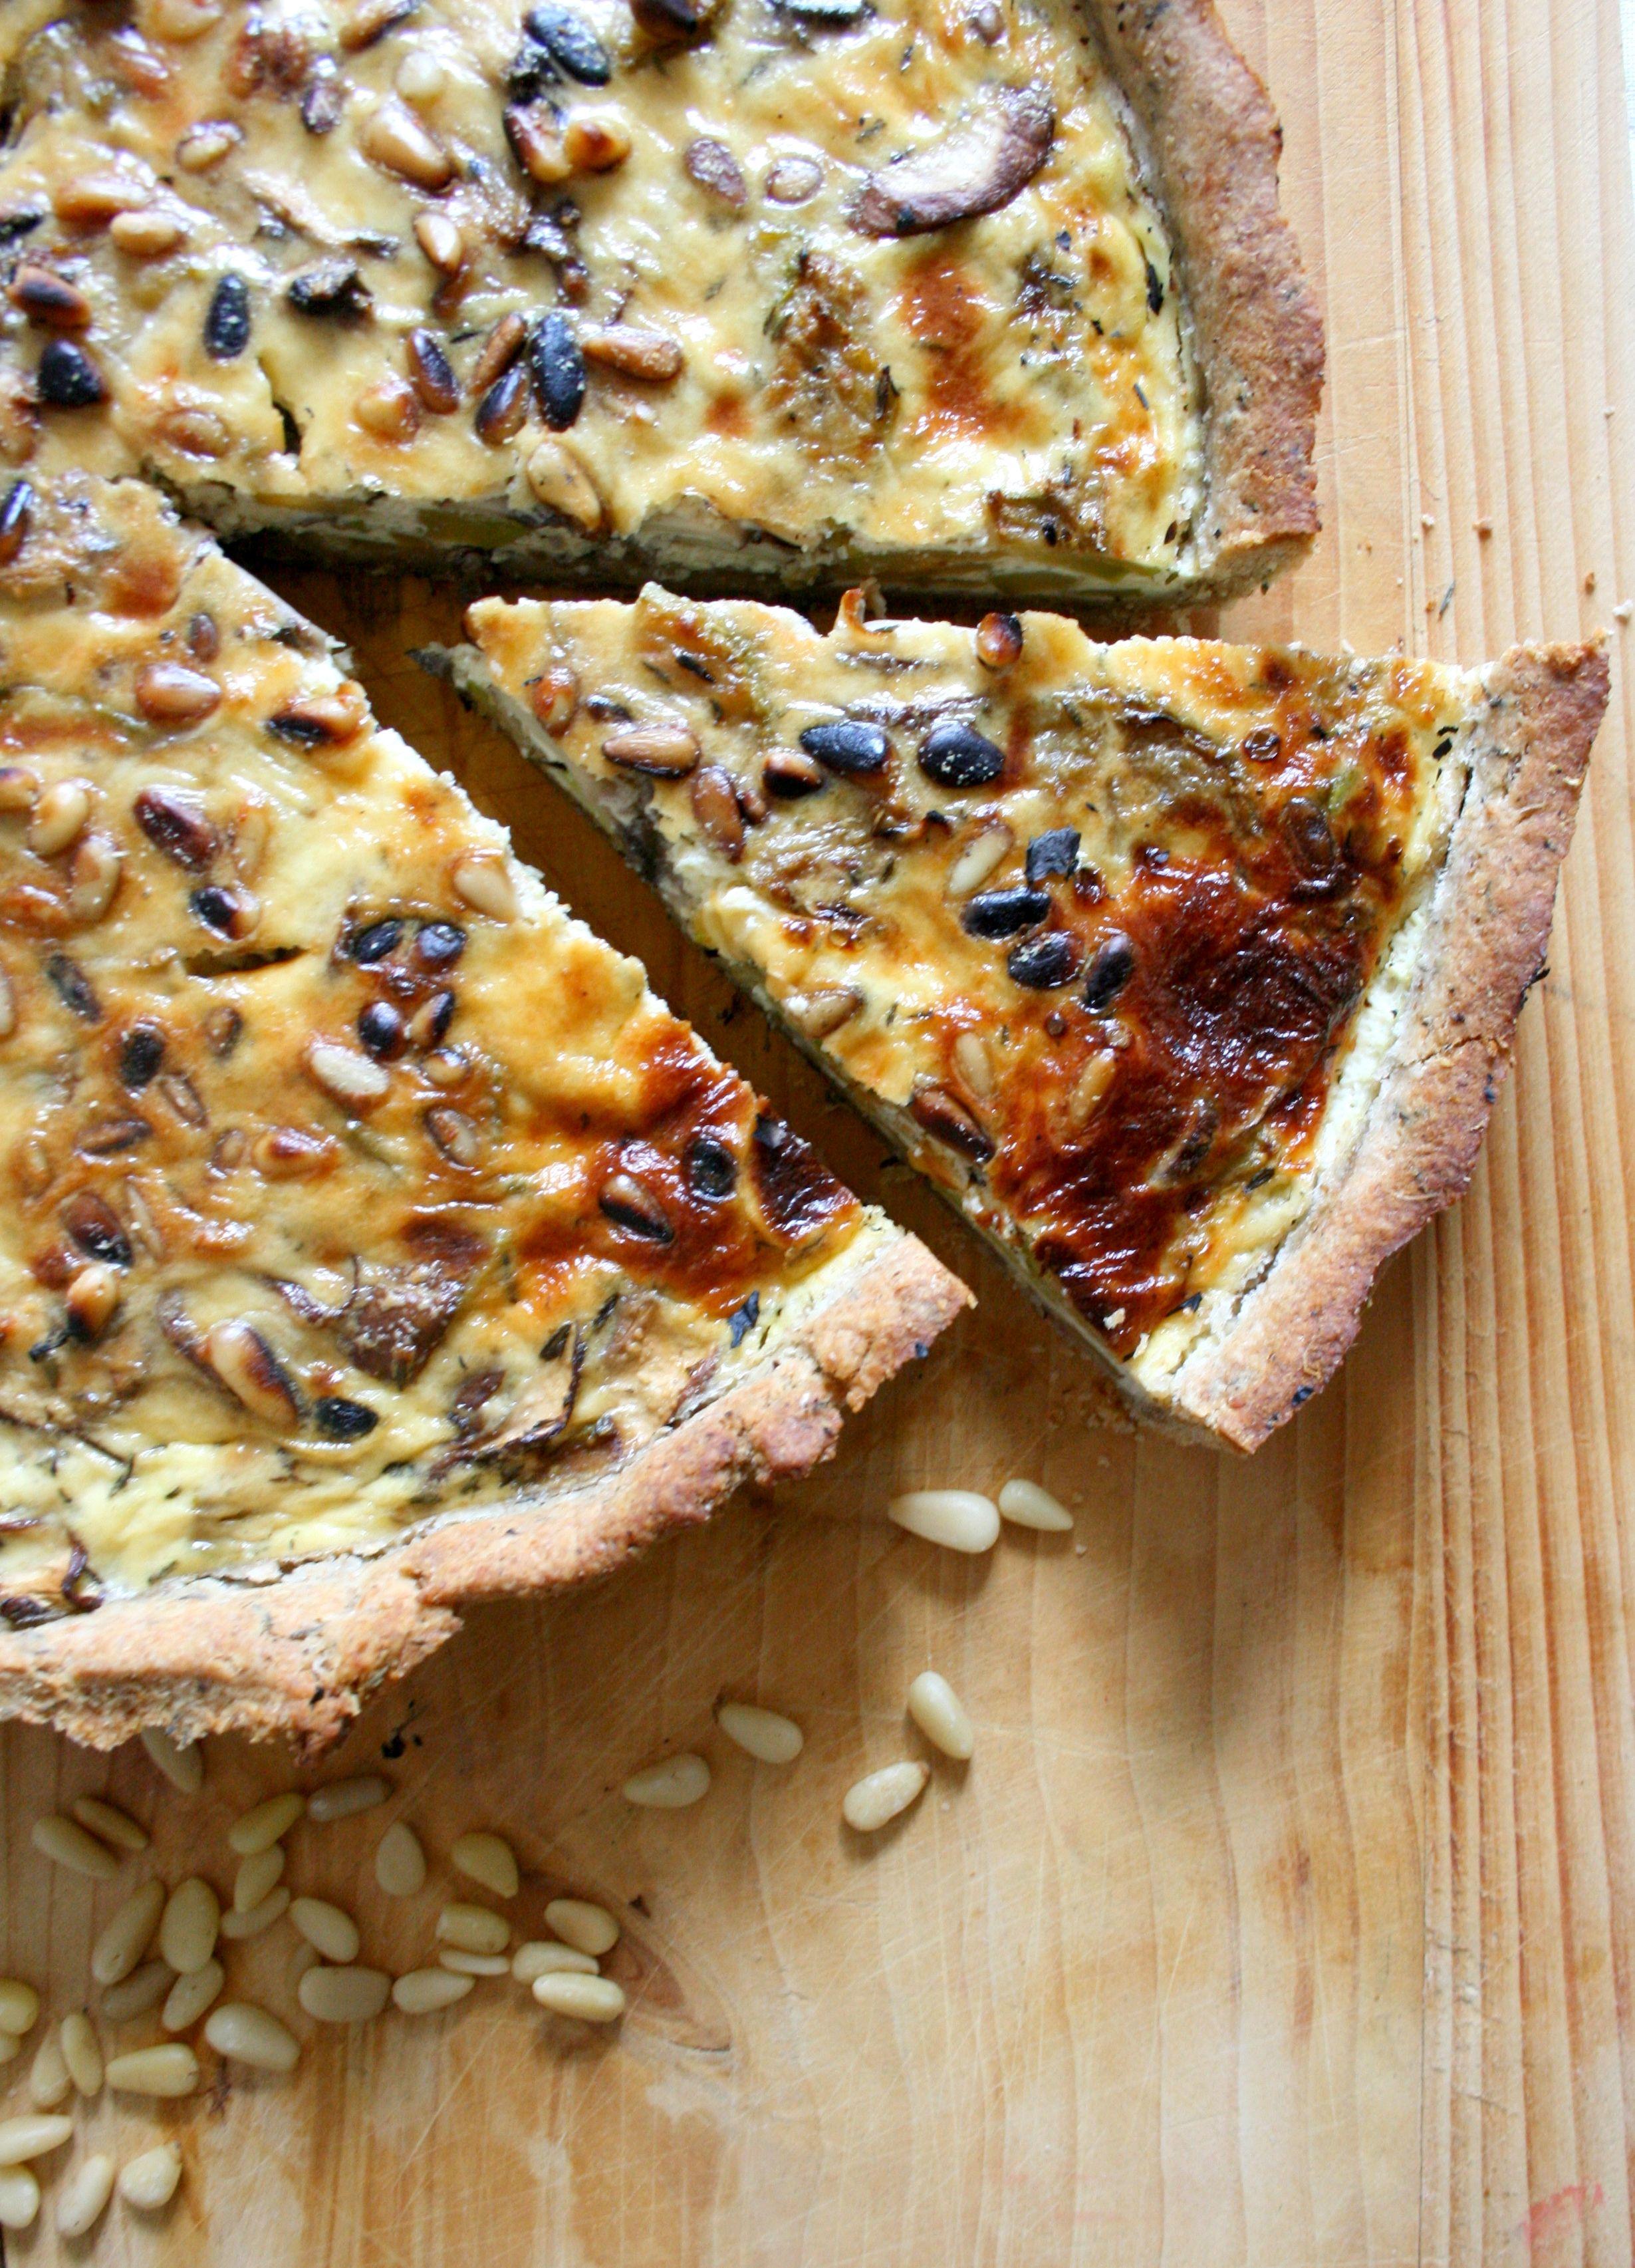 Tarte aux 5 céréales, courgettes et champignons frais {pâte brisée maison} | Recette champignon ...